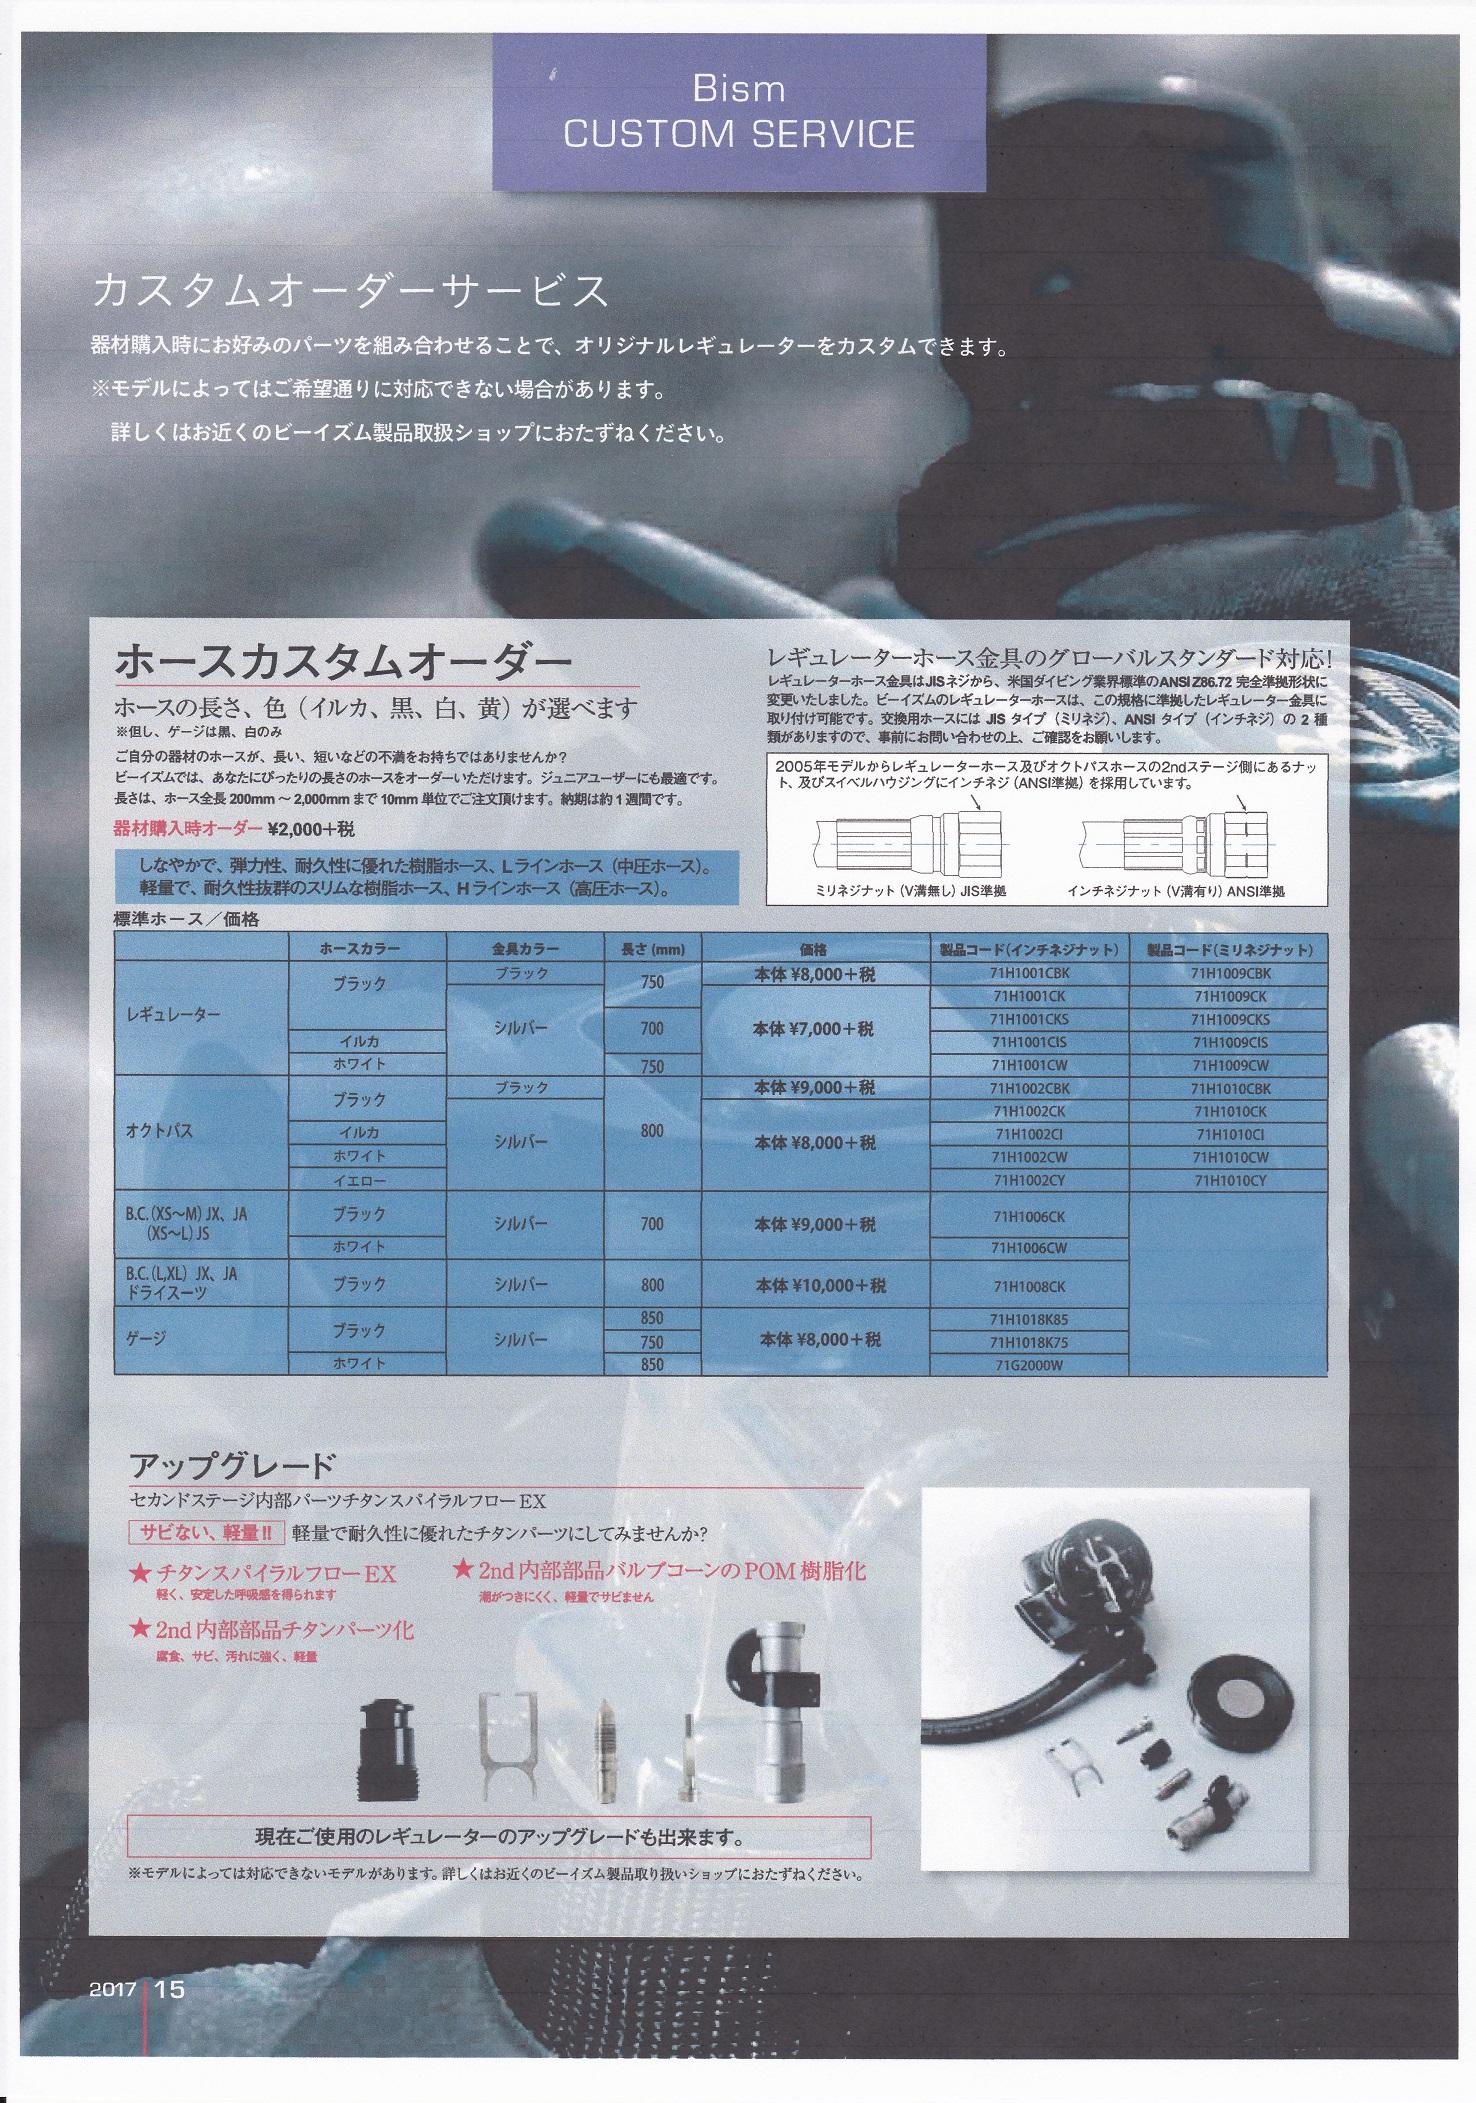 Bism レギュレーター カスタムオーダー(2ndステージ 内部パーツ チタン化 / 外部パーツ デザインやカラー変更)